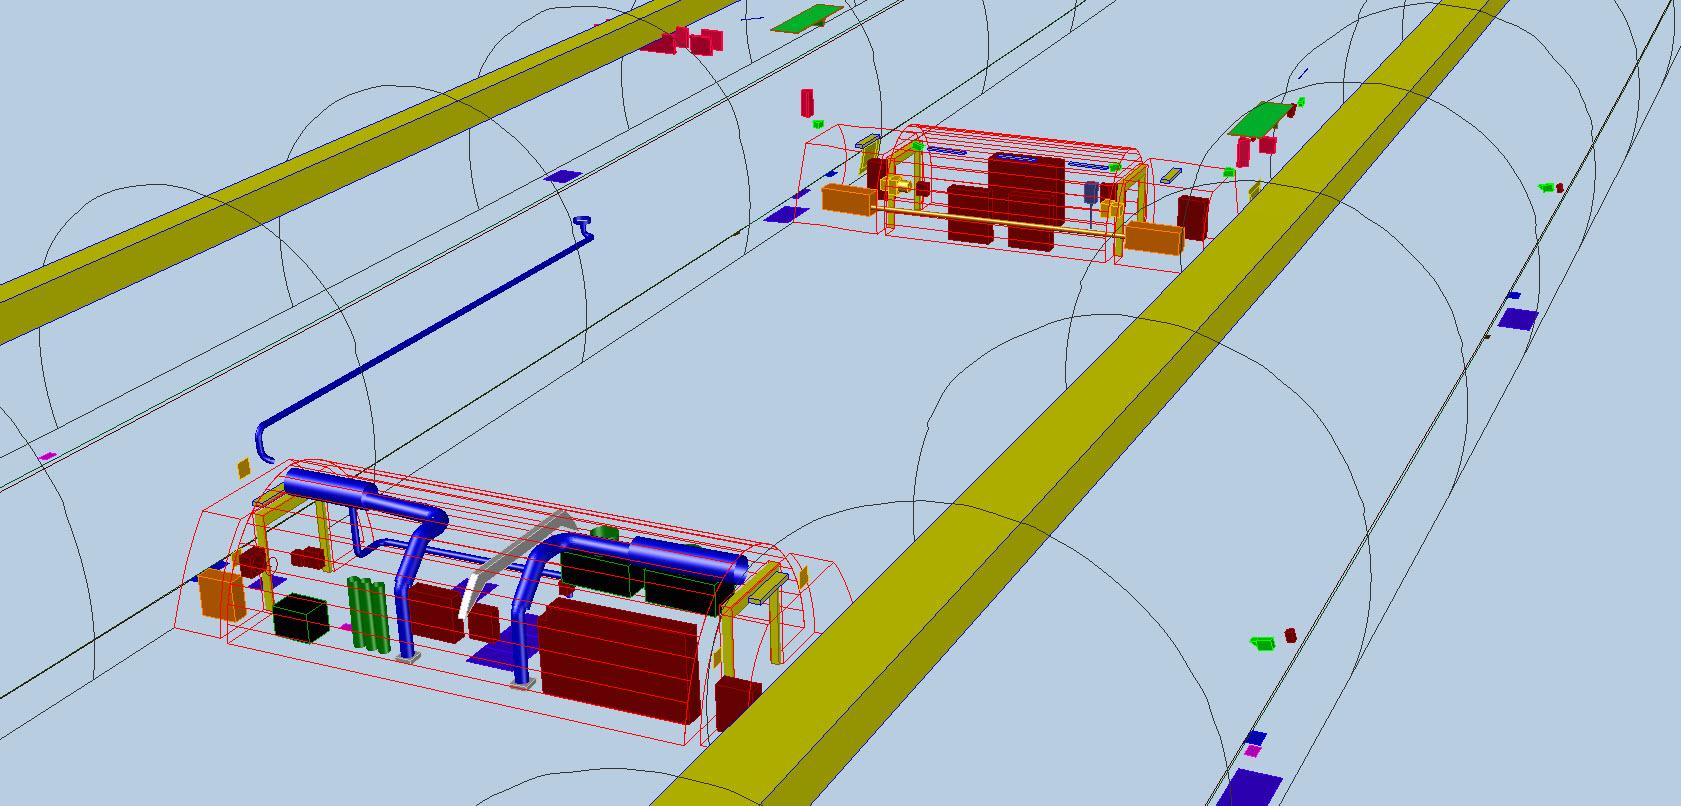 Asset Management 3D CAD Model